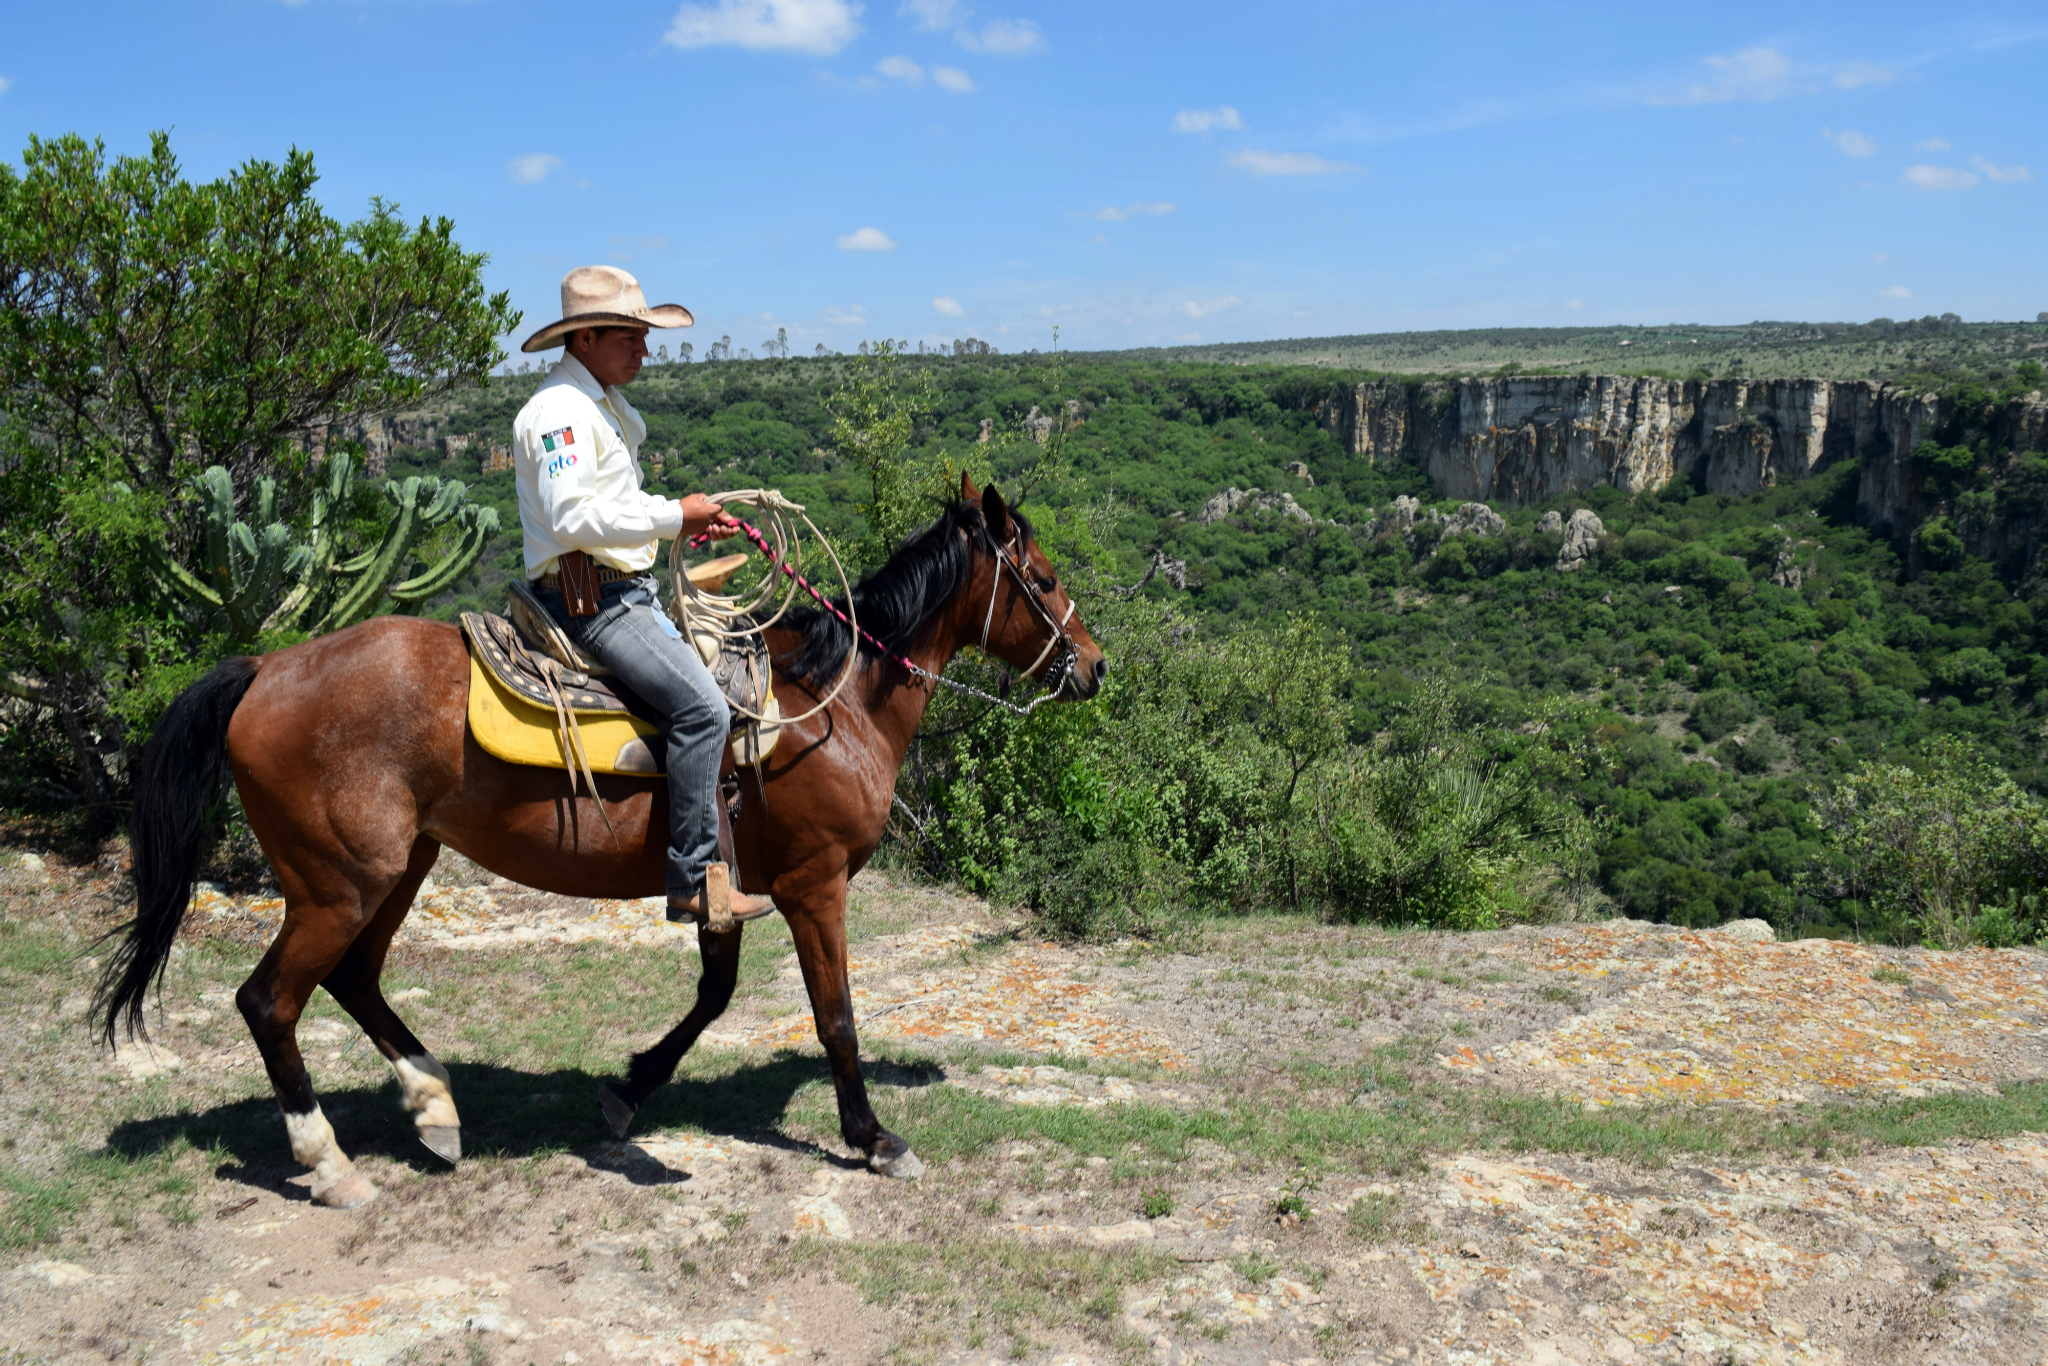 Recorrido sobre caballo en San Miguel de Allende, una experiencia de ecoturismo